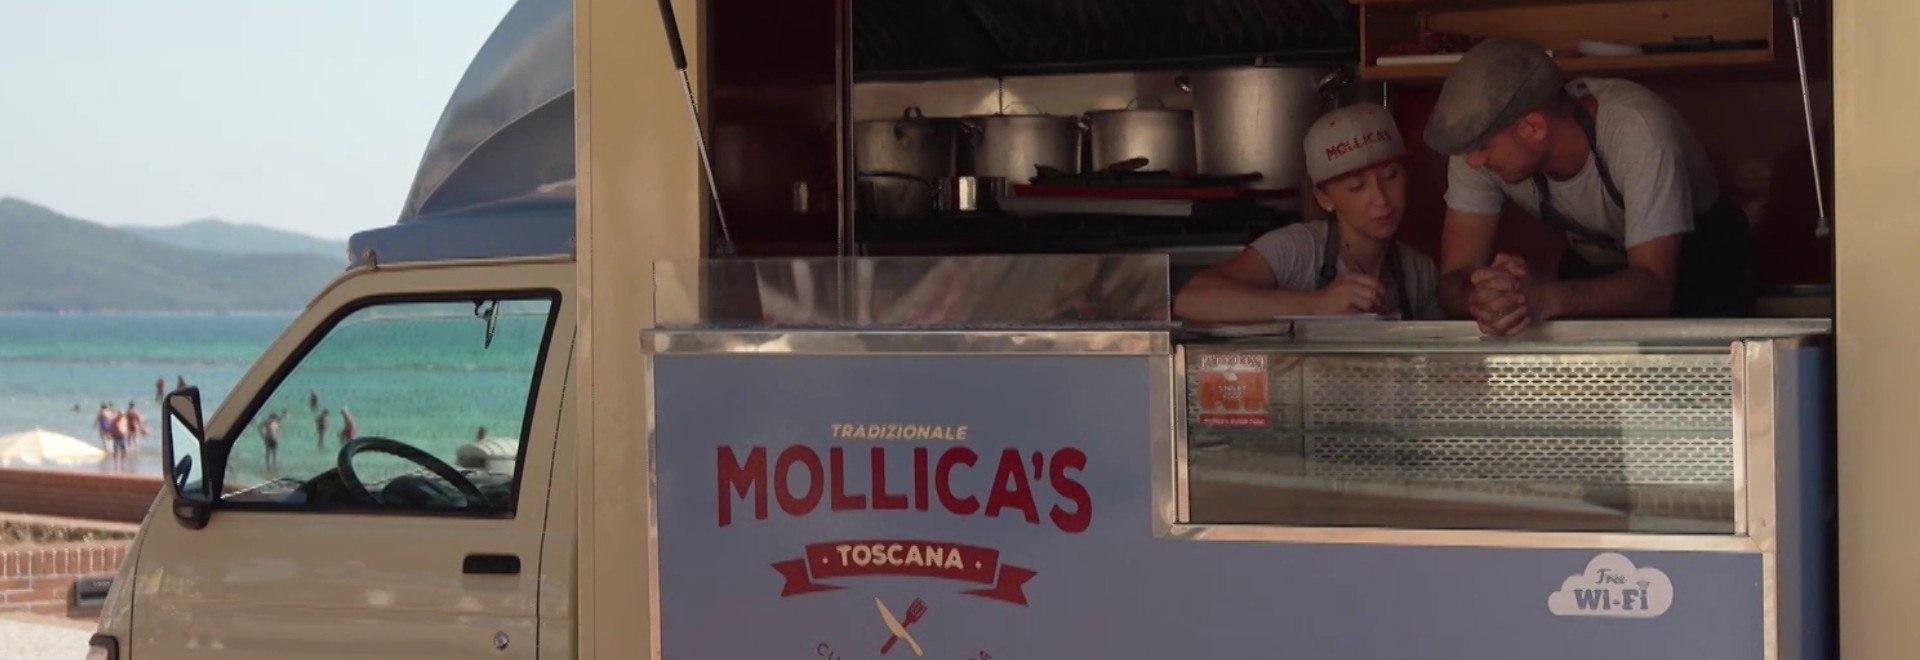 I Mollica's